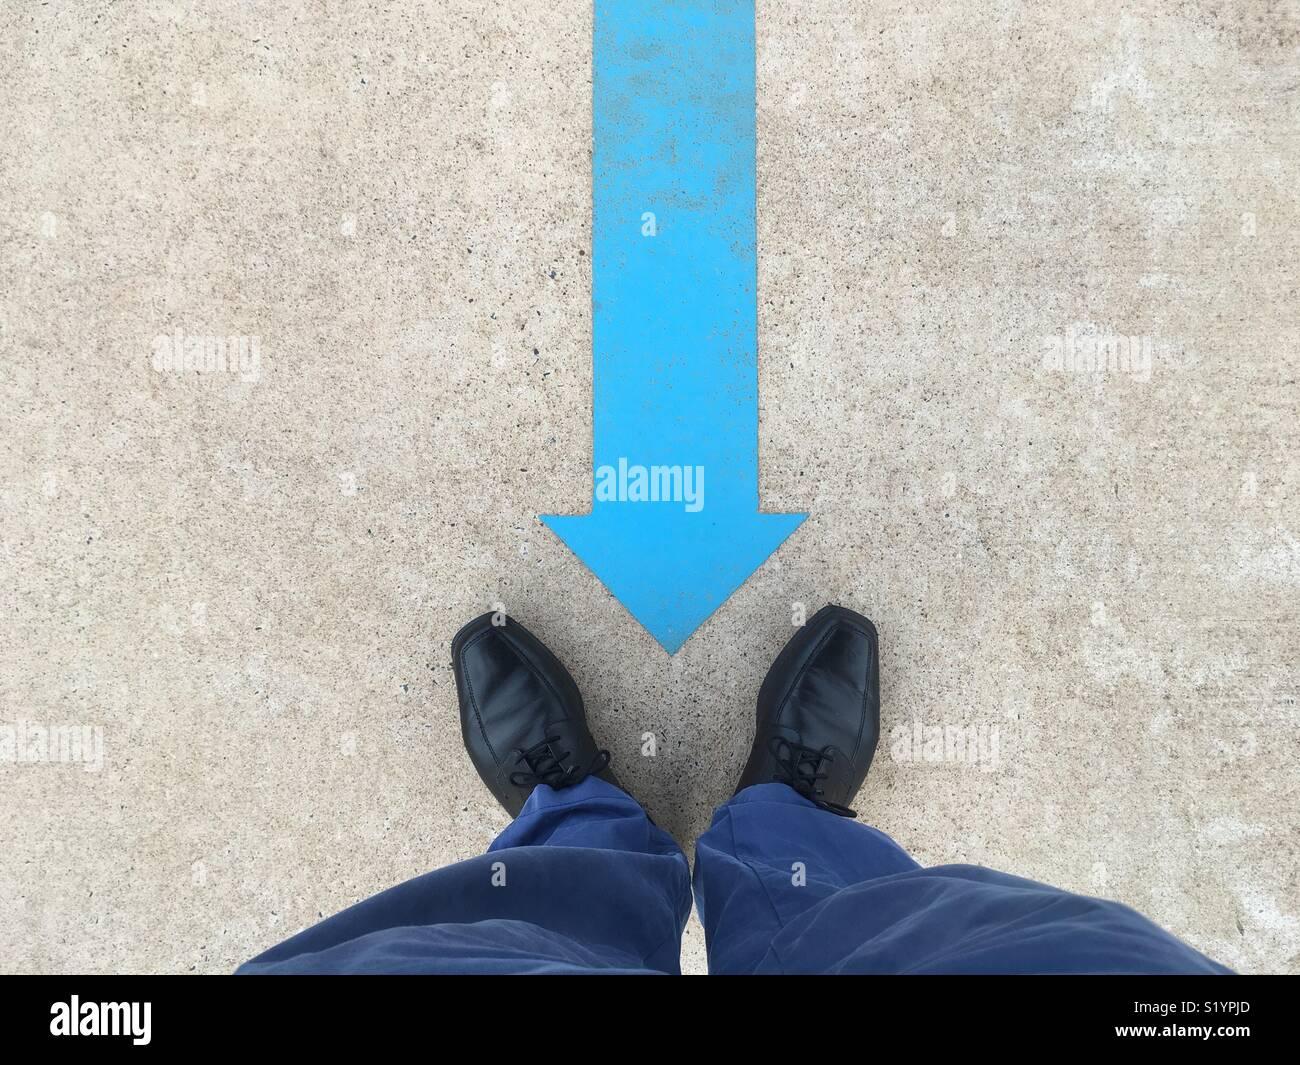 Une flèche bleue peinte sur le sol en montrant une man's chaussures noires et un pantalon bleu. Photo Stock